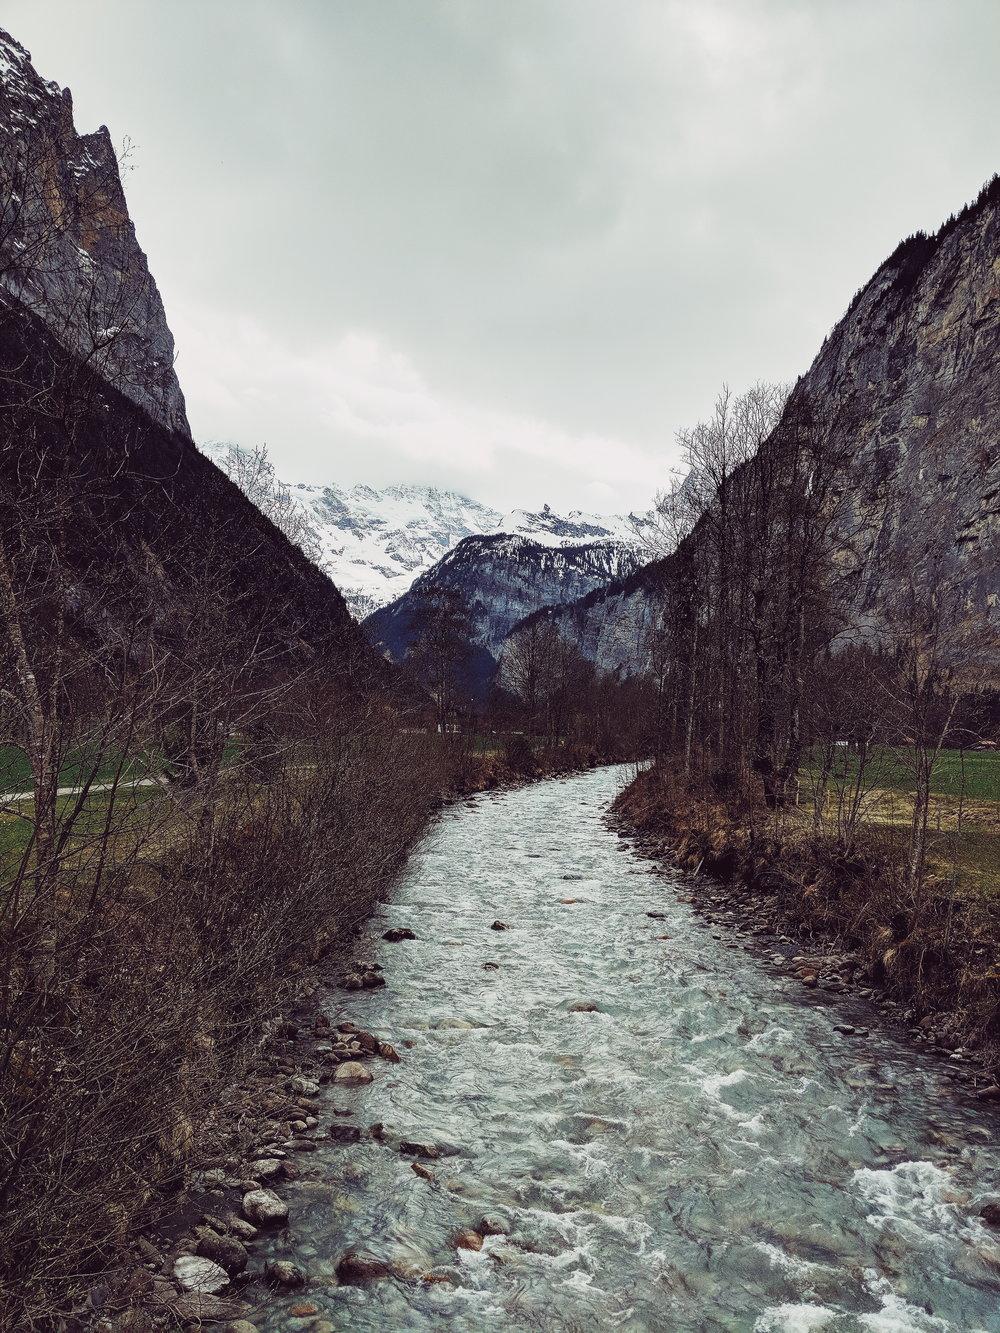 bridge view in lauterbrunnen.jpg